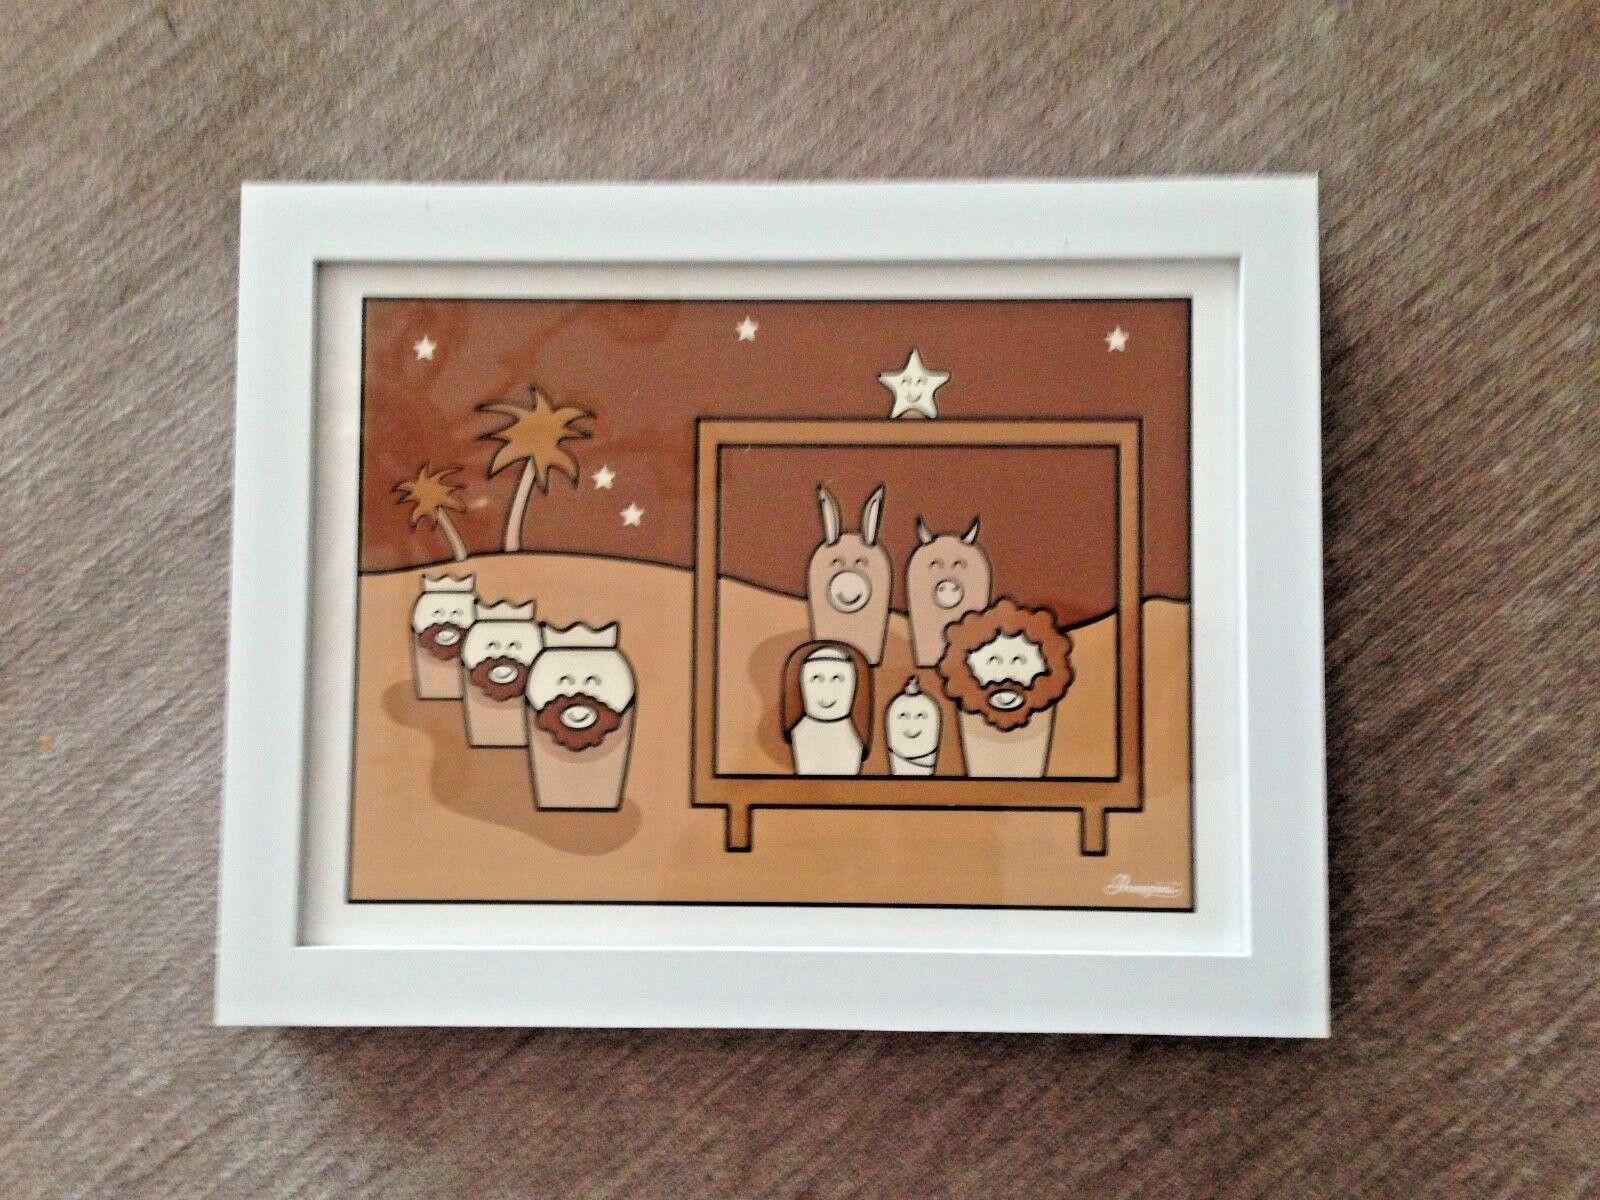 Human Tales Kinderzimmer Bild mit Rahmen 18x24 Zeichentrick Pop art ...